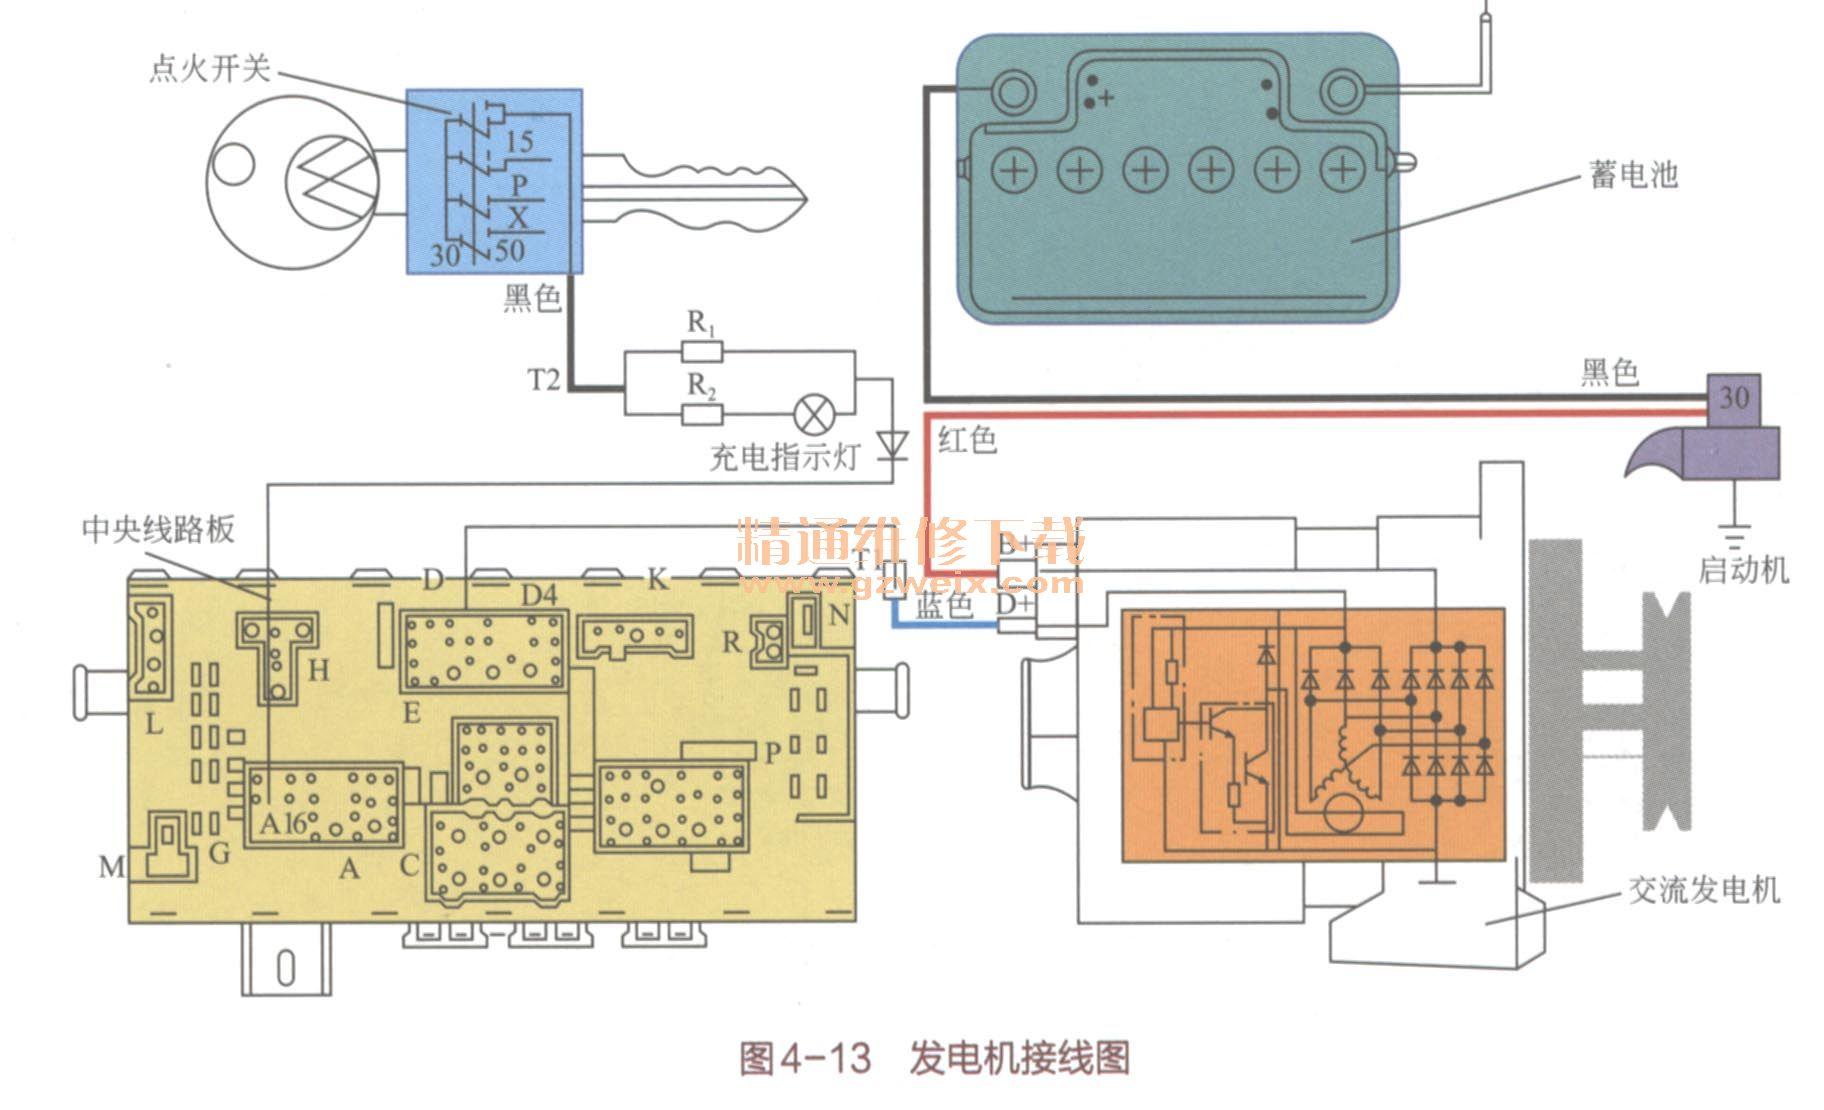 精通维修下载 文档资料 汽车技术 汽车维修教程      发电机的接线图